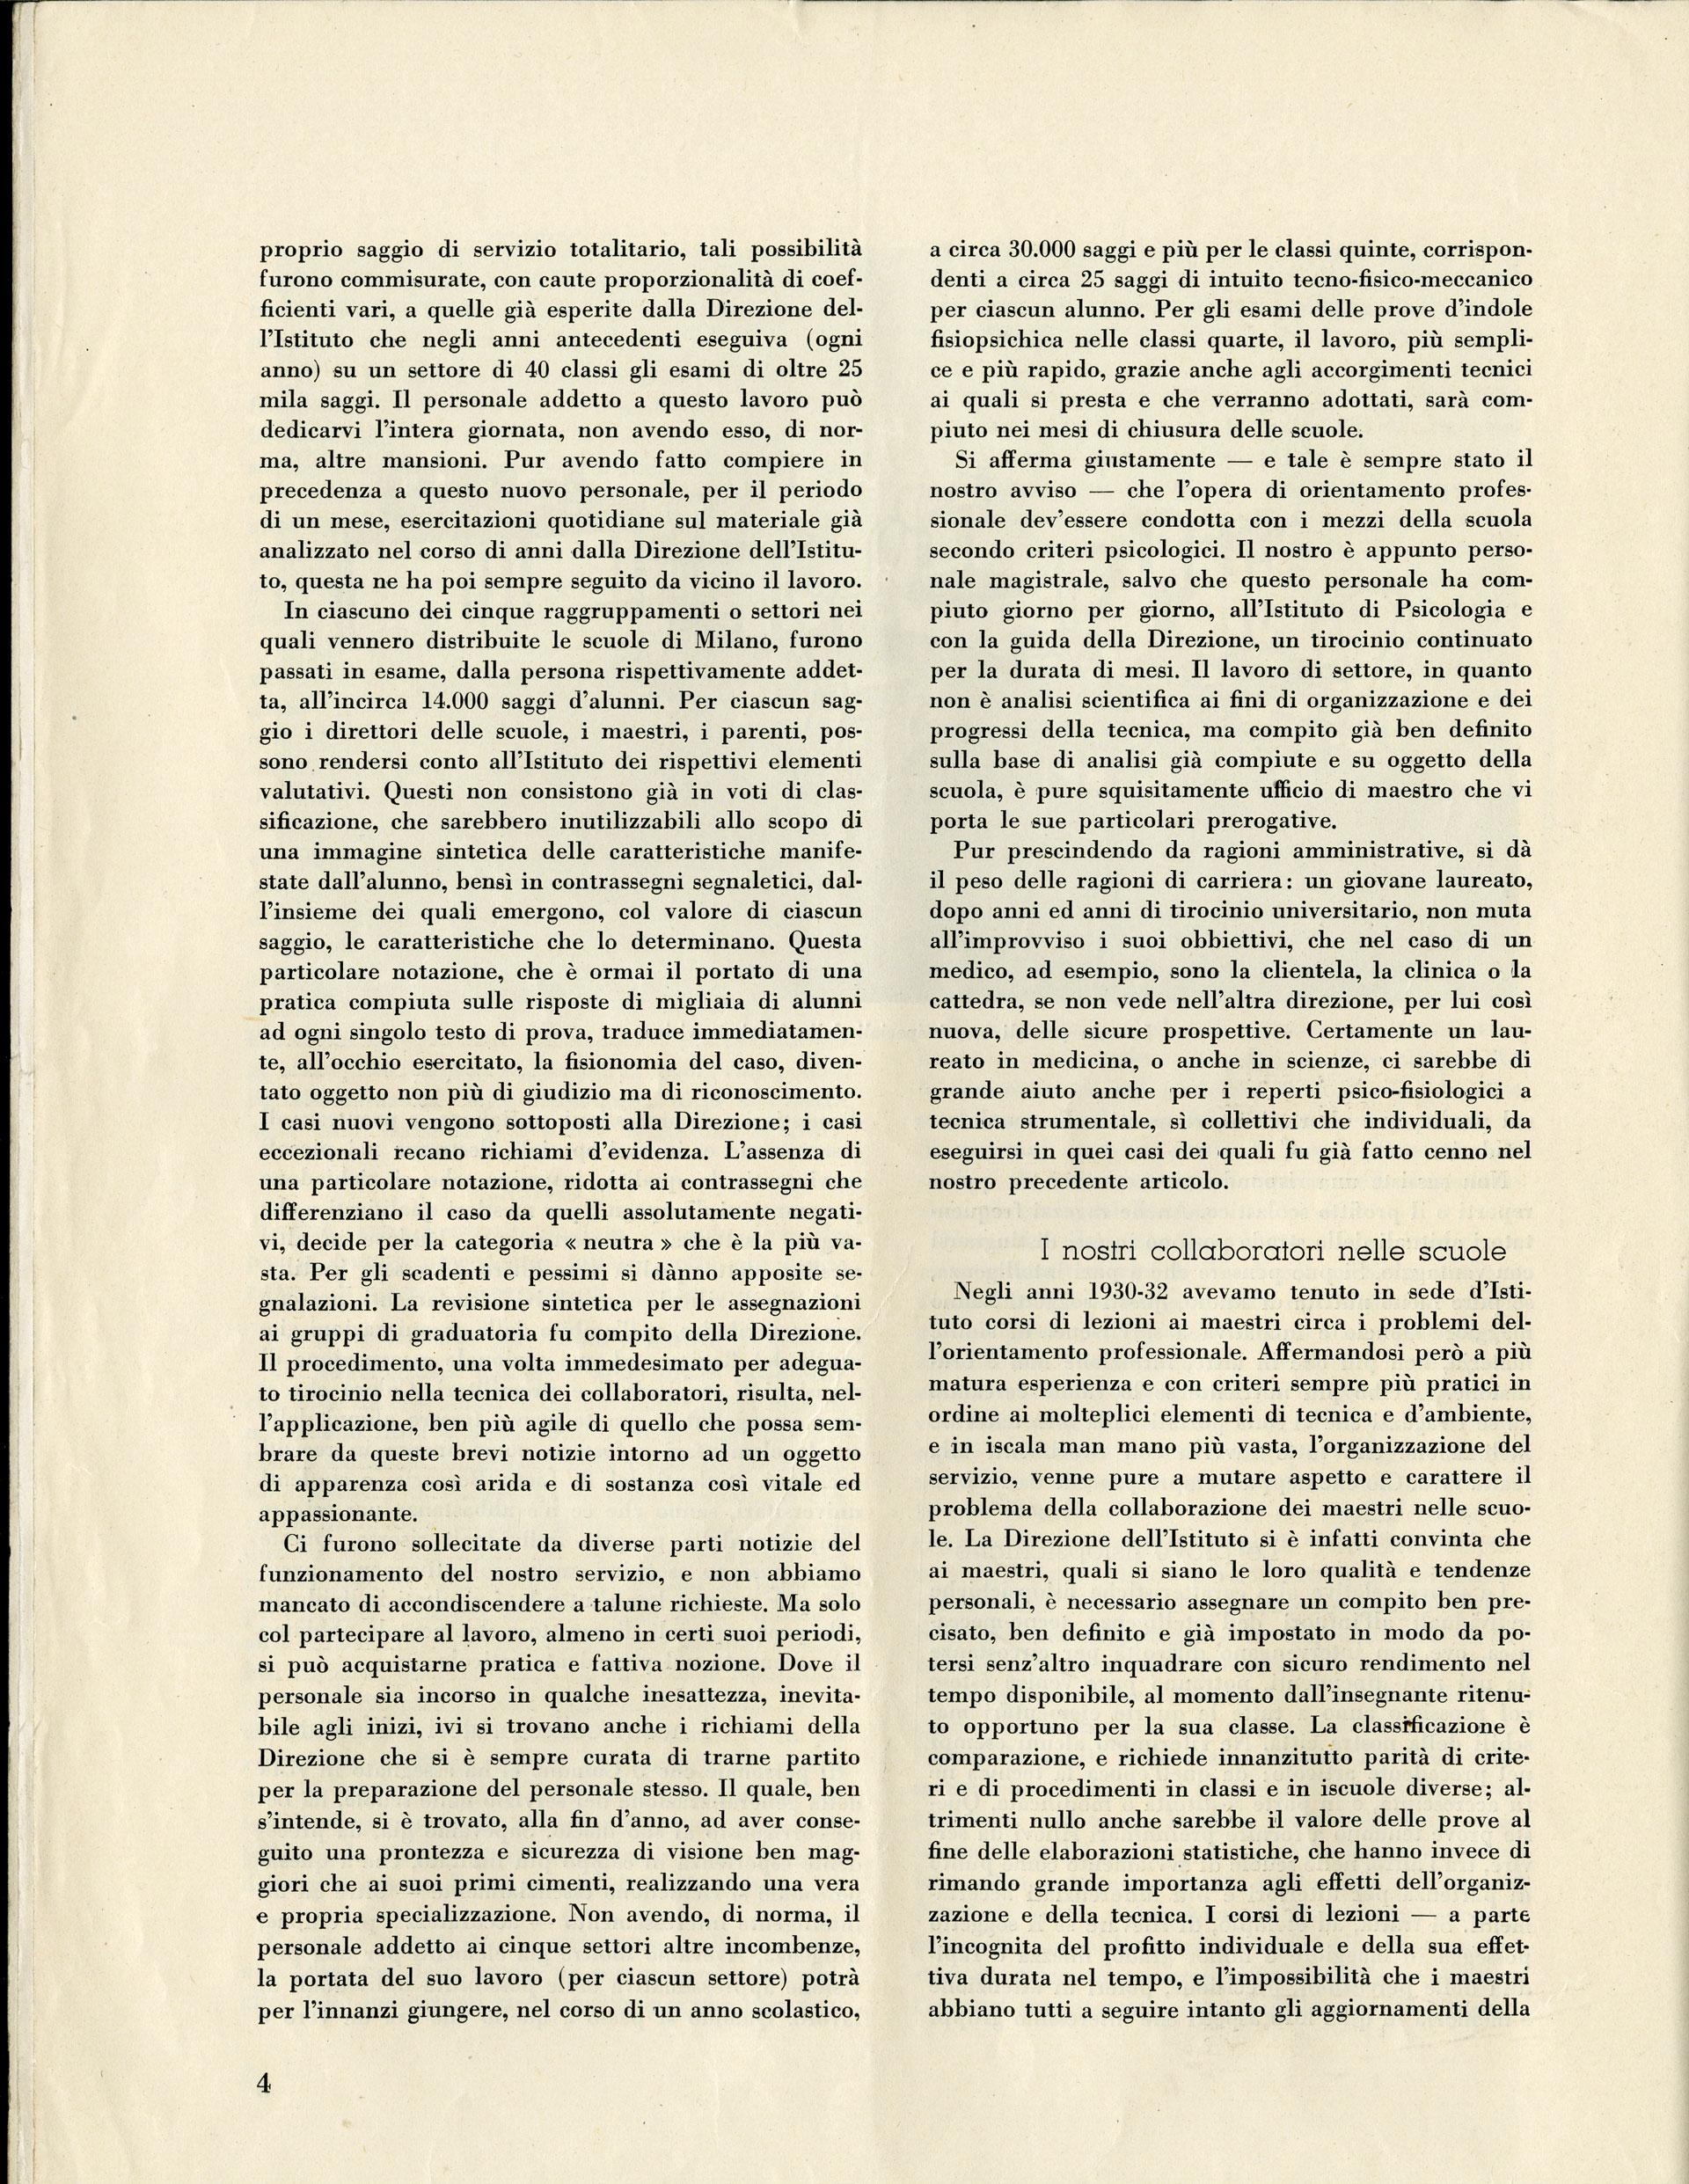 Casimiro Doniselli, Il Civico Istituto di Psicologia sperimentale e il servizio psicotecnico nelle scuole di Milano